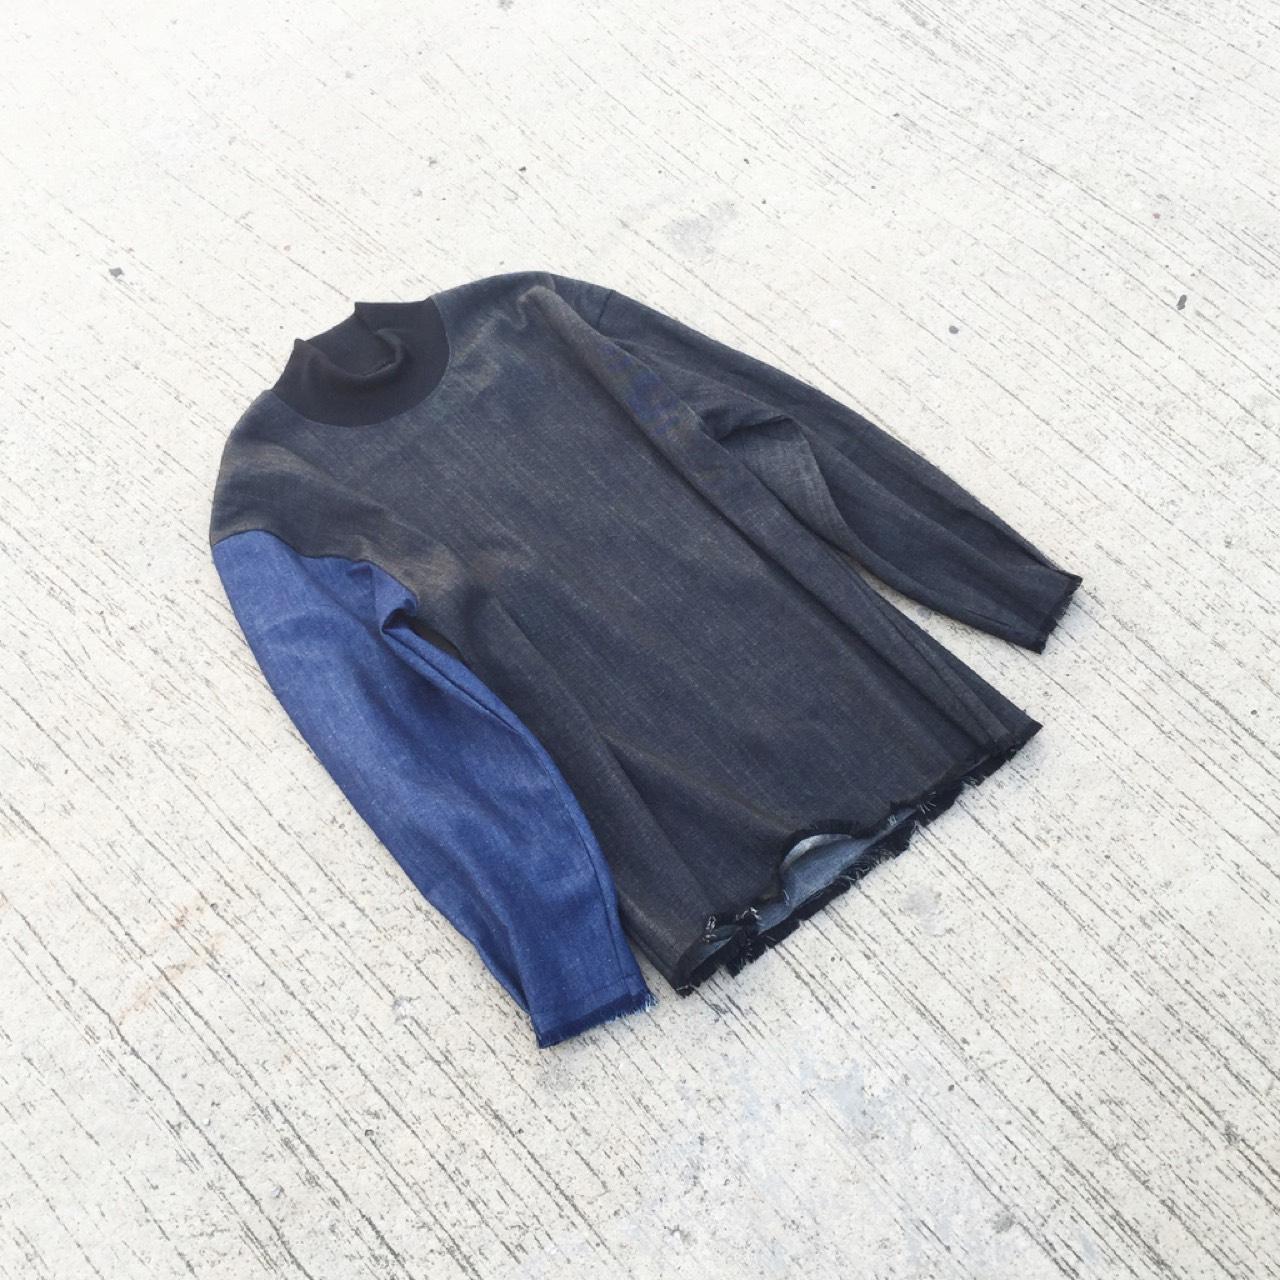 Denim,dottodot33,เสื้อแขนยาว,เสื้อคอเต่า,เสื้อแขนยาวคอเต่า